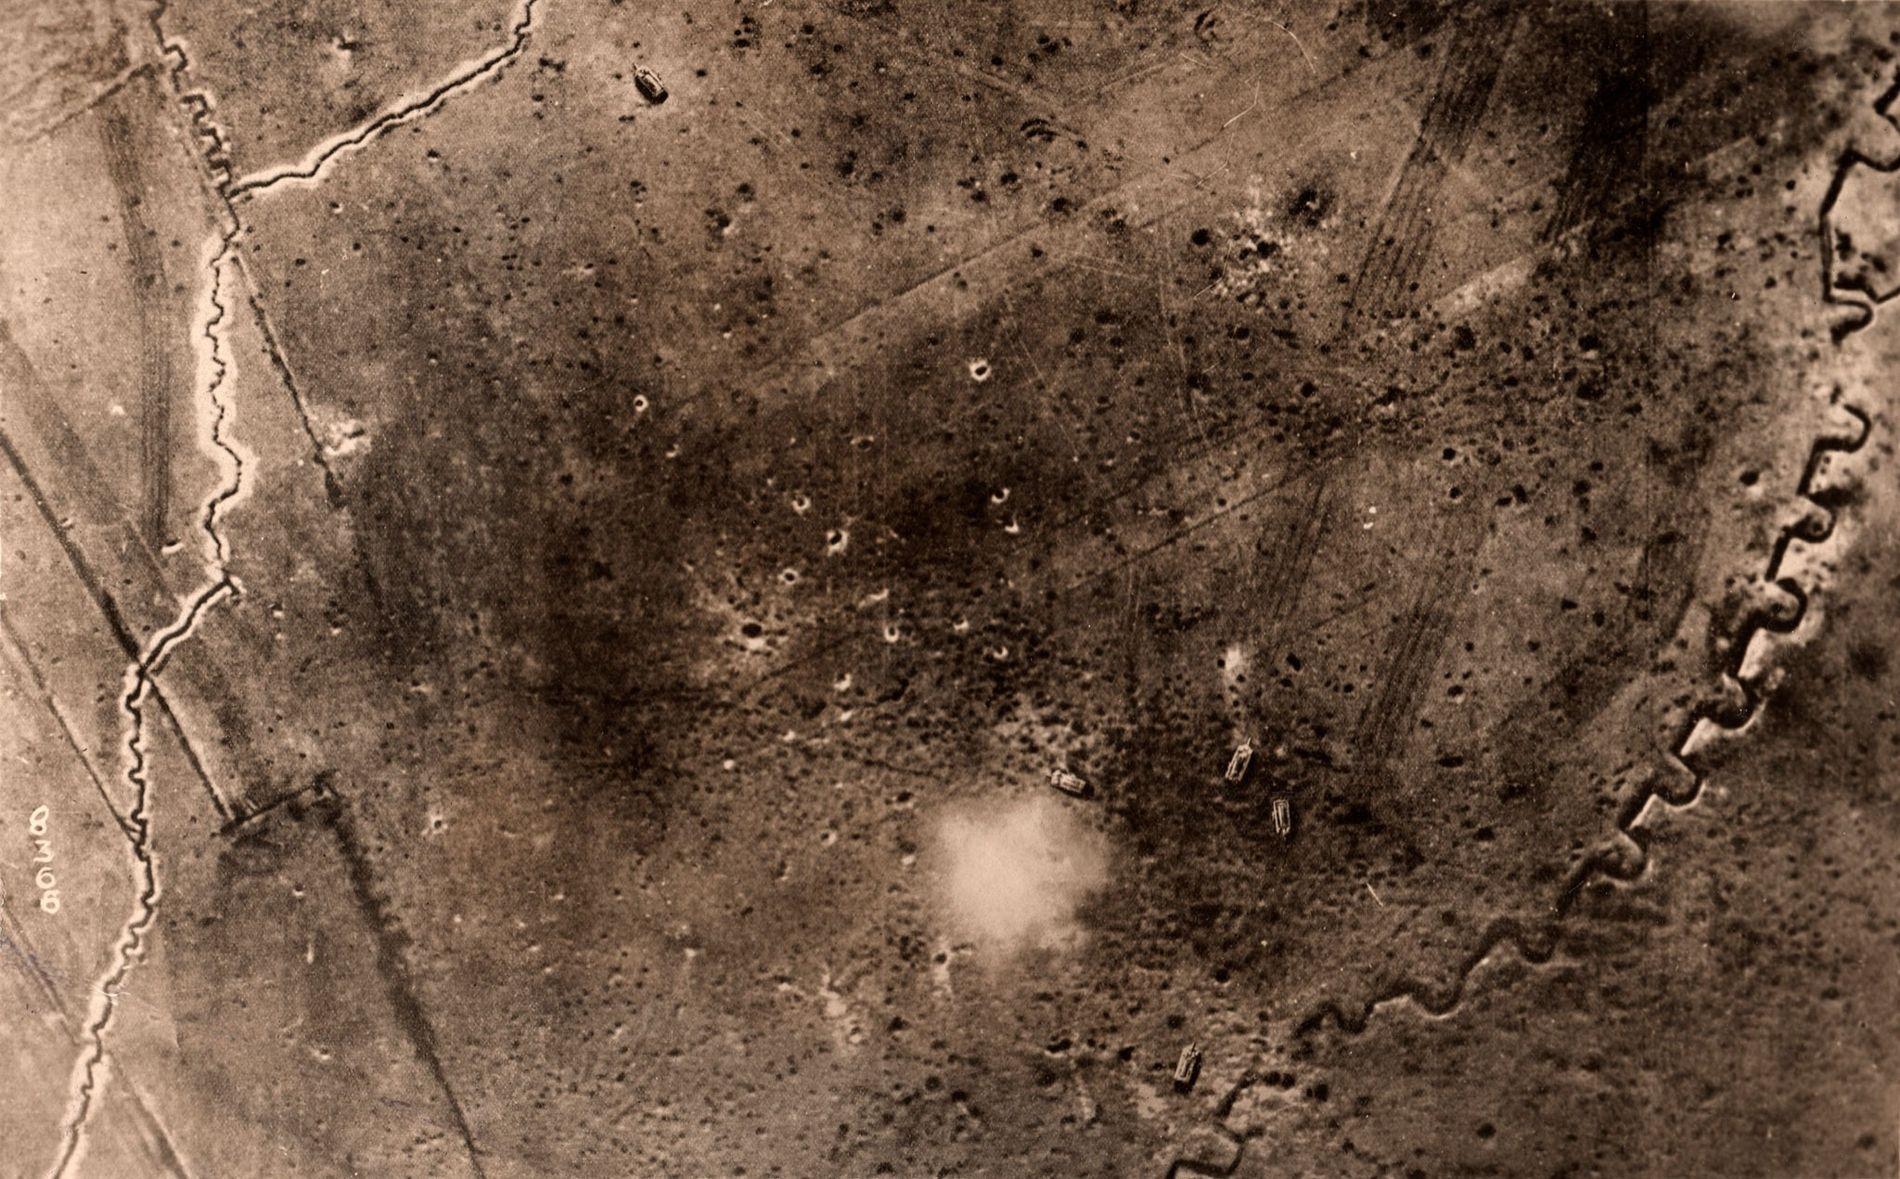 Os arqueólogos dependem de fotografias aéreas tiradas durante a Primeira Guerra Mundial para reconstruir o cenário ...